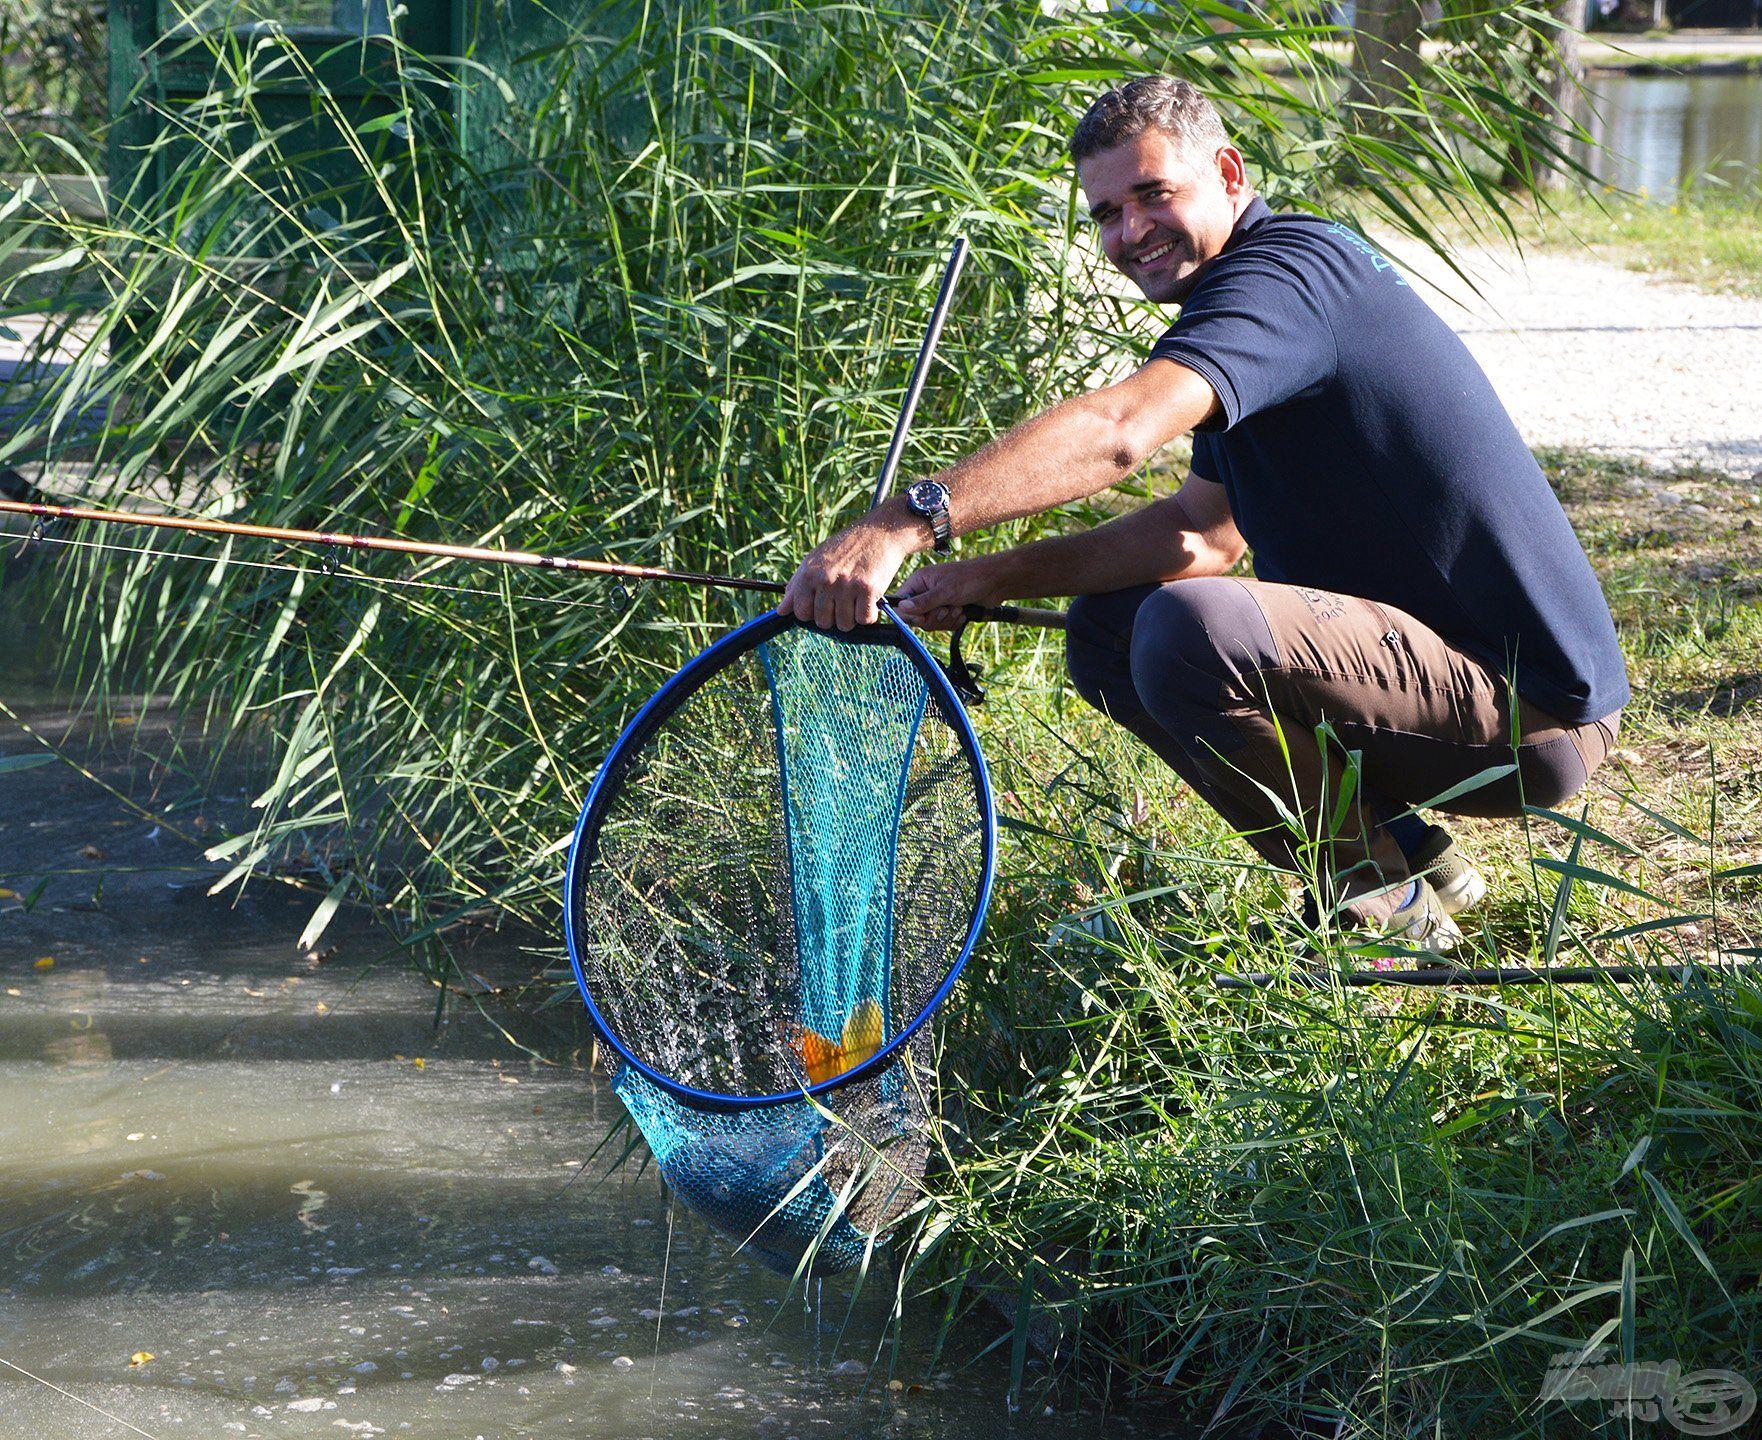 A Method King merítő fejjel egyszerűen és biztonságosan megoldható a hal merítése és annak a matracra történő kivétele is, ráadásul az új Master Carp Pro nyél első 40 centije levehető, így nem kell a 3-4 méteres nyéllel kardozni